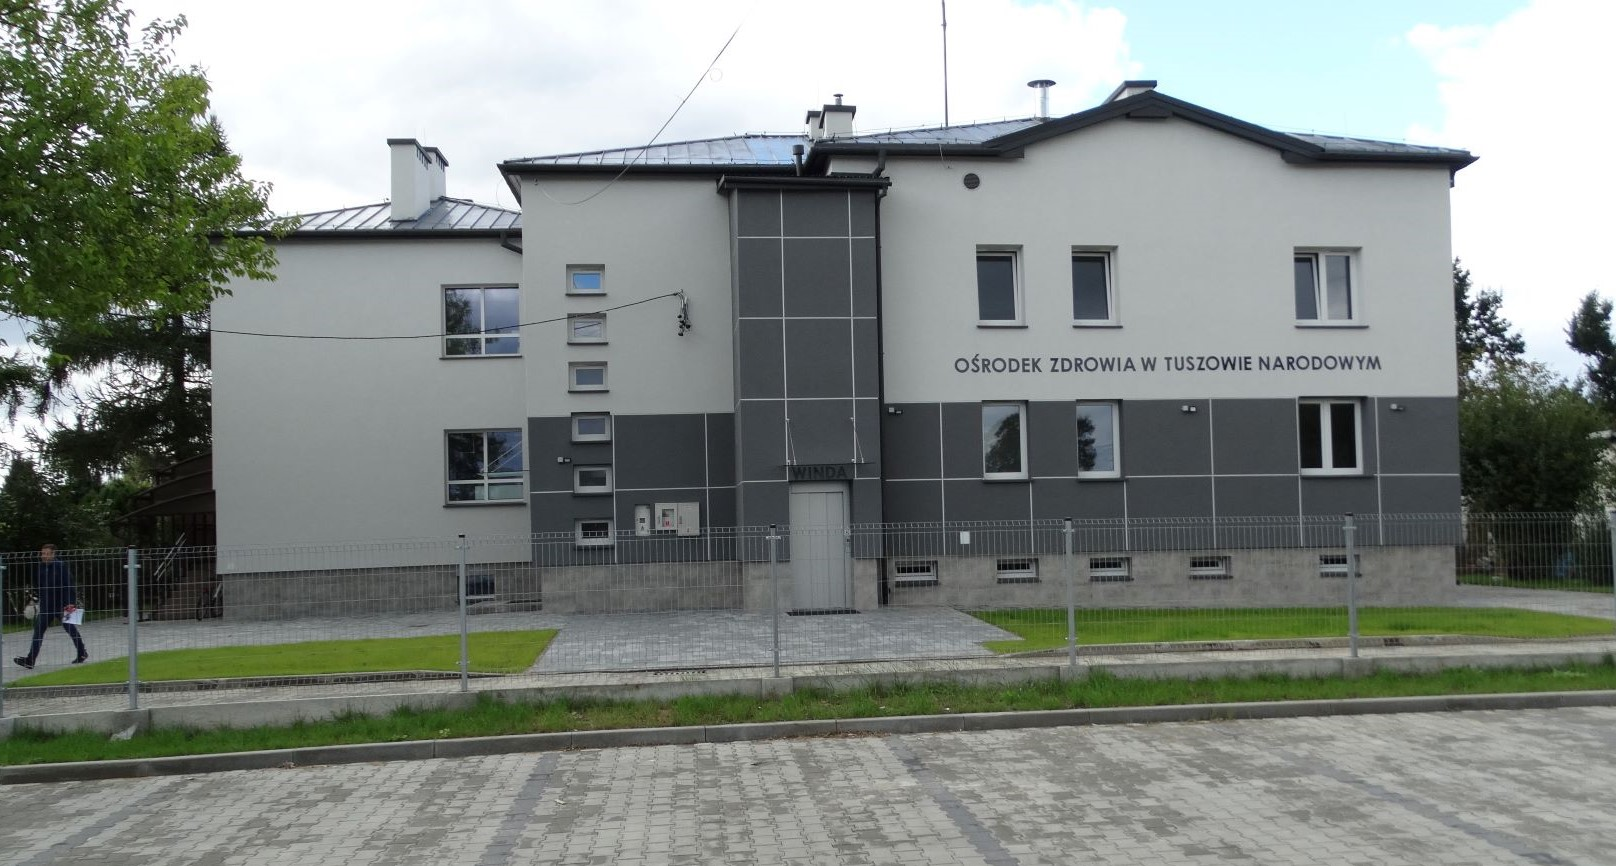 Zmodernizowany Ośrodek Zdrowia w Tuszowie Narodowym [ZDJĘCIA] - Zdjęcie główne